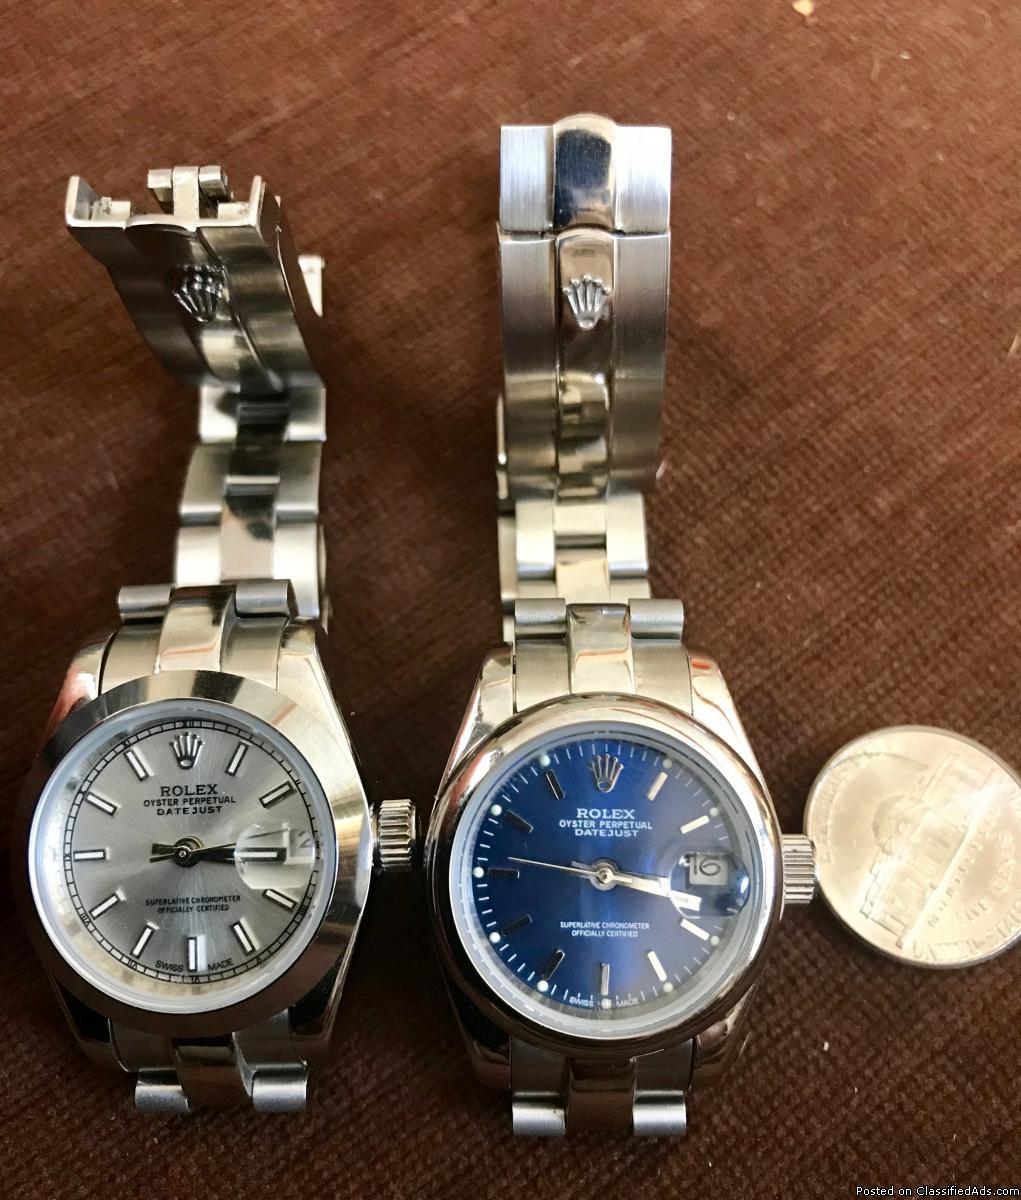 NEW Fashion ladies Rolex watch(s)